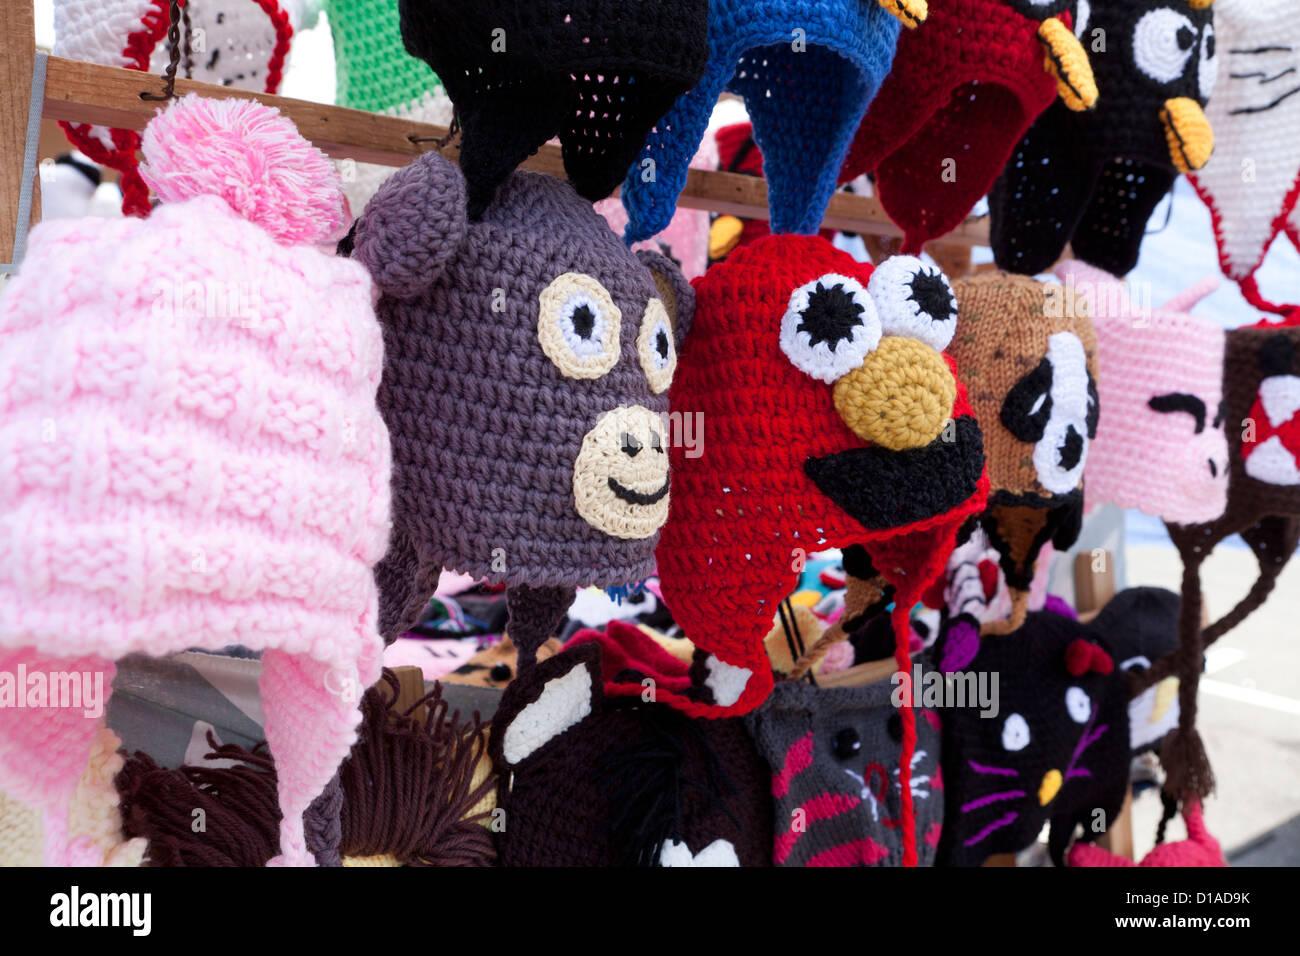 Carattere di trapper cappelli sul display Immagini Stock